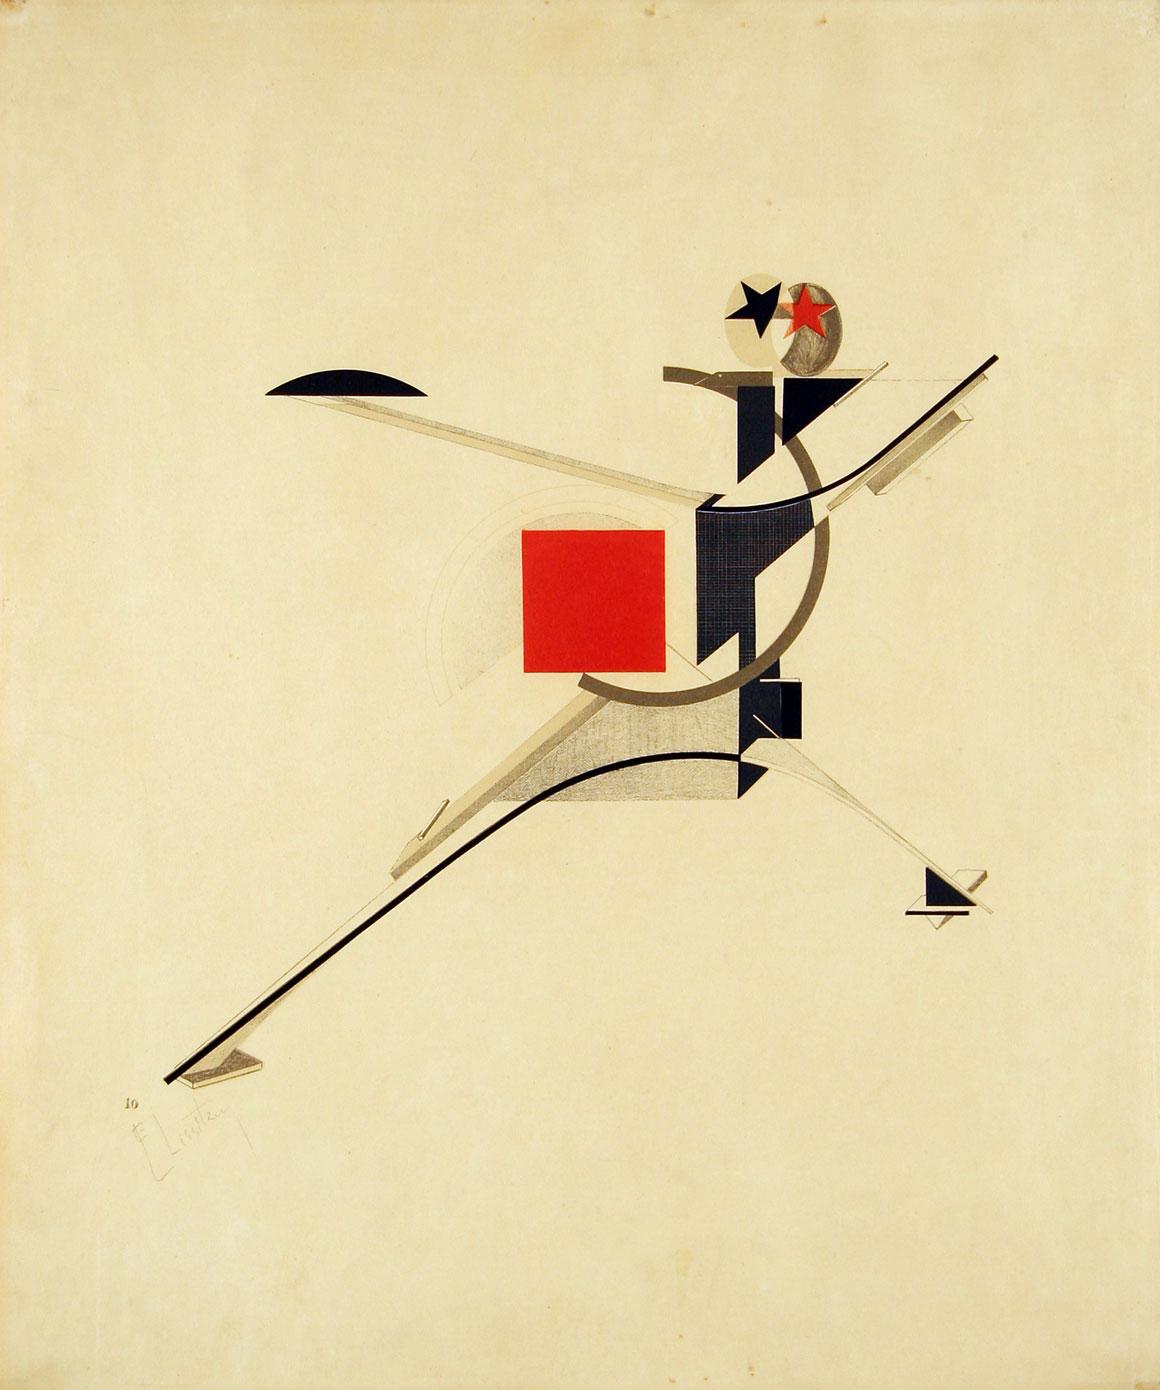 New Man, El Lissitzky 1923